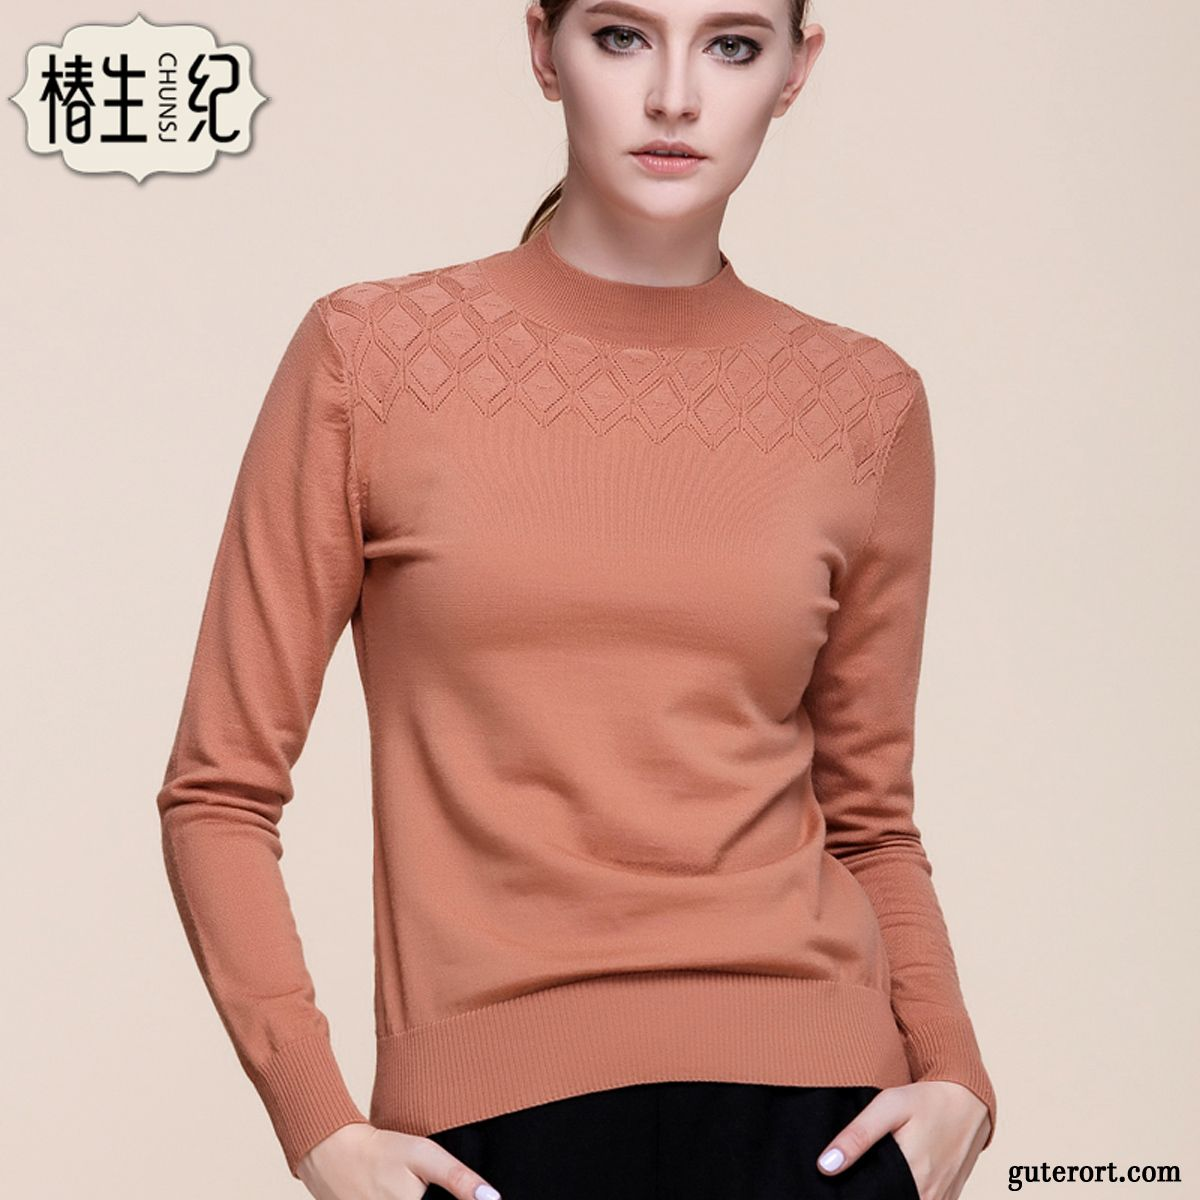 best website bc0f1 6c752 Guter Ort sale pullover damen online günstig - Seite 9